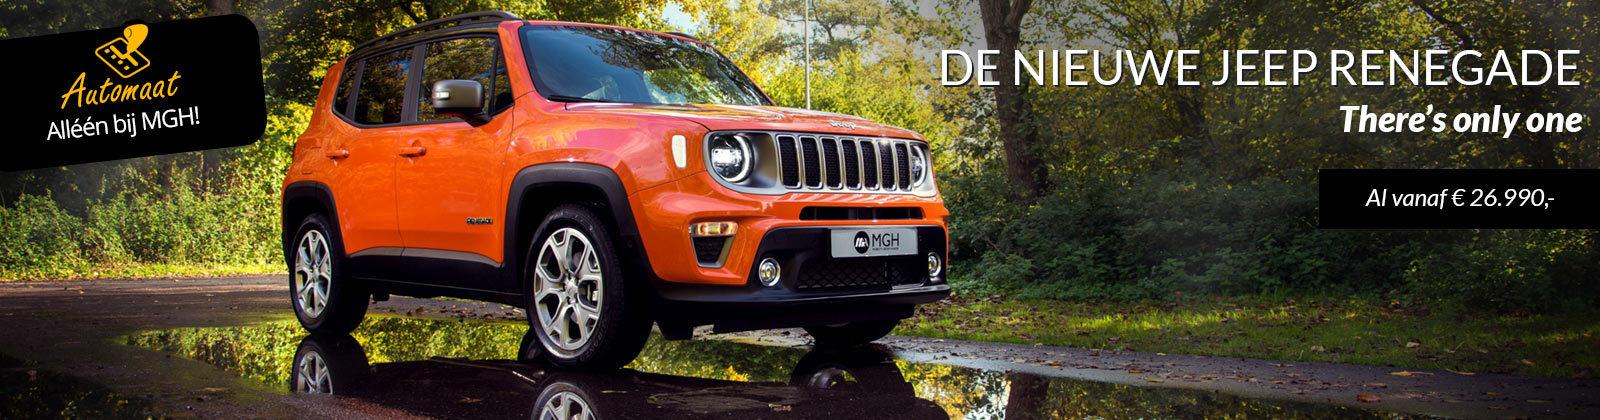 De nieuwe Jeep Renegade 2019